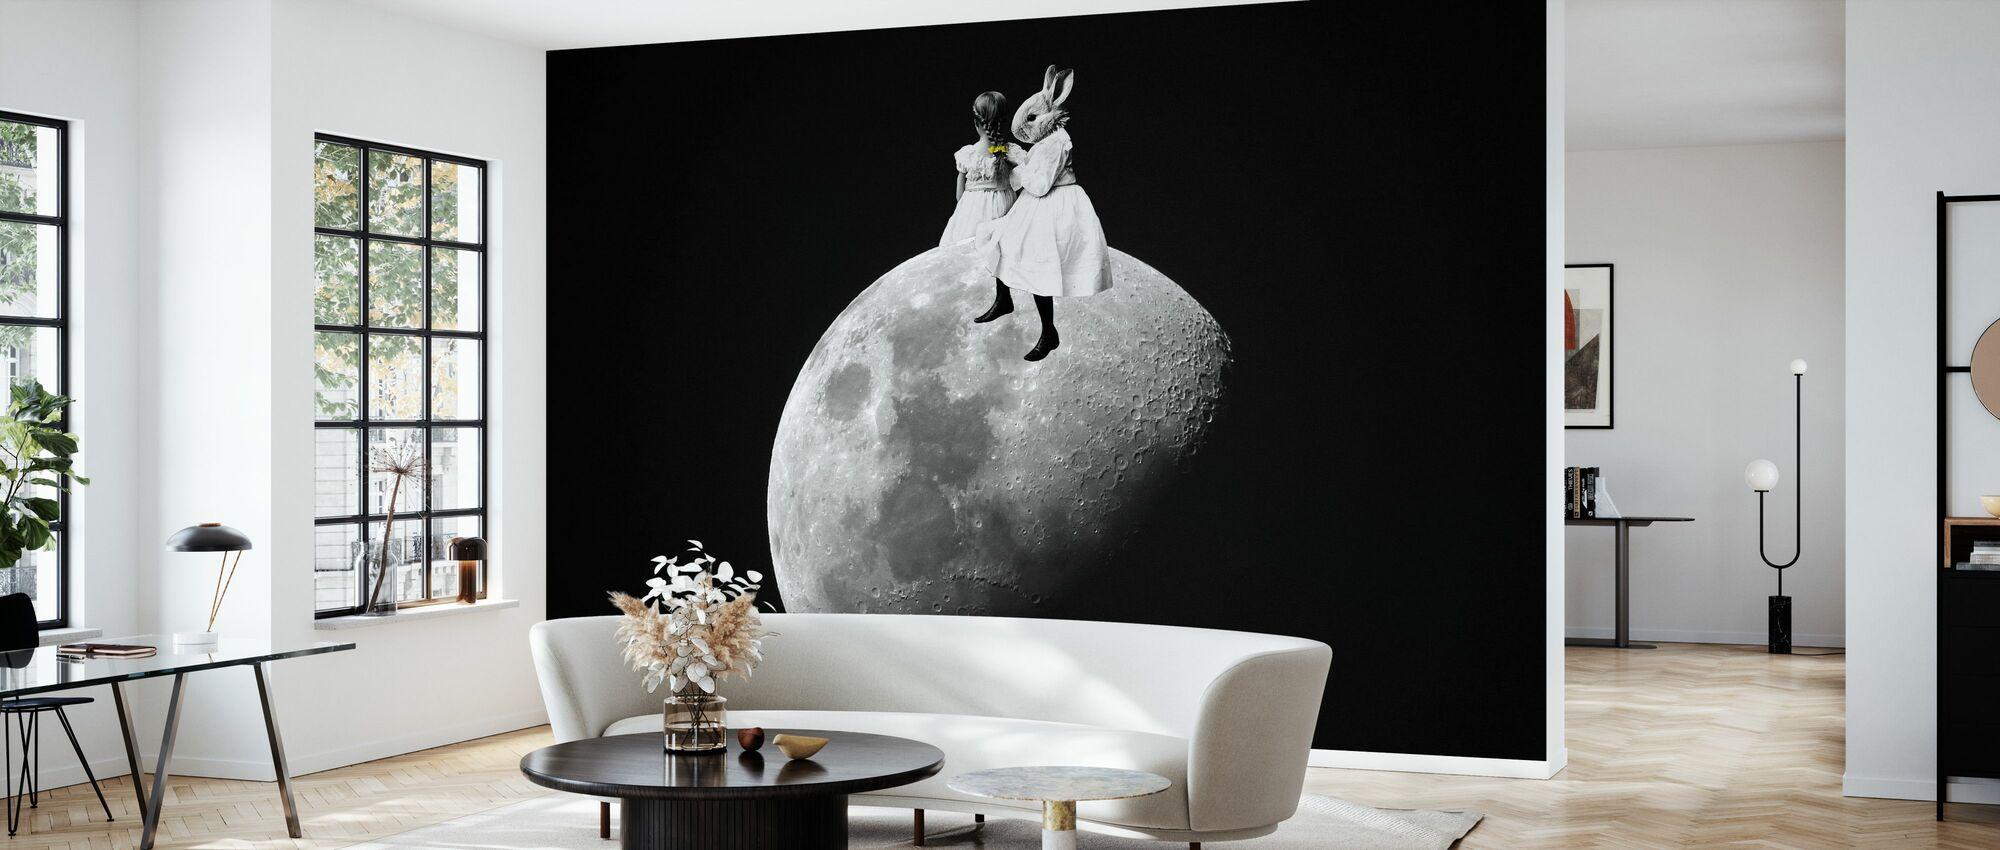 Time - Wallpaper - Living Room